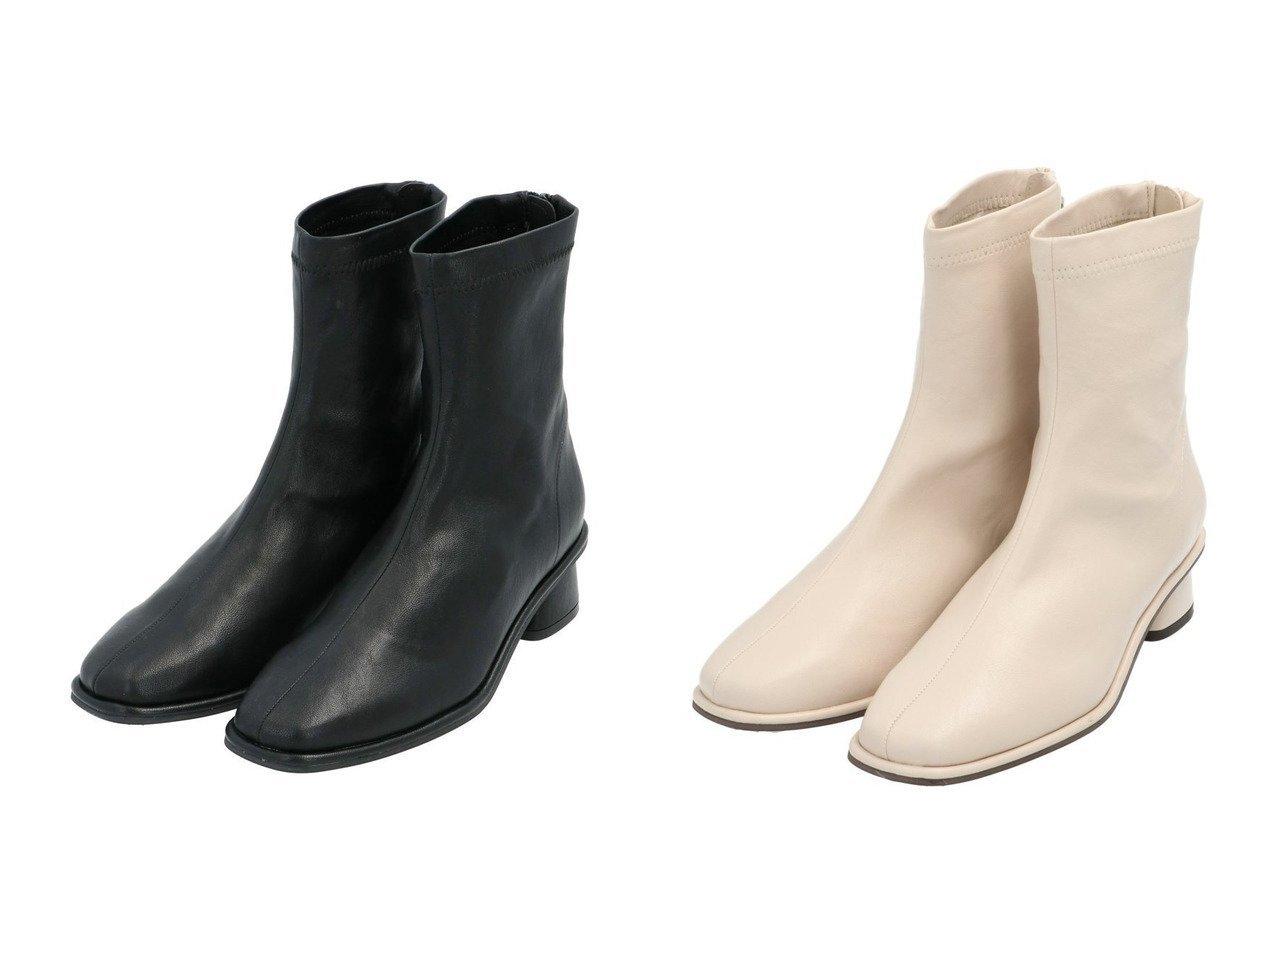 【apart by lowrys/アパートバイローリーズ】のFレザーローヒールSブーツ シューズ・靴のおすすめ!人気、トレンド・レディースファッションの通販 おすすめで人気の流行・トレンド、ファッションの通販商品 メンズファッション・キッズファッション・インテリア・家具・レディースファッション・服の通販 founy(ファニー) https://founy.com/ ファッション Fashion レディースファッション WOMEN おすすめ Recommend シューズ ショート ストレッチ トレンド |ID:crp329100000023364